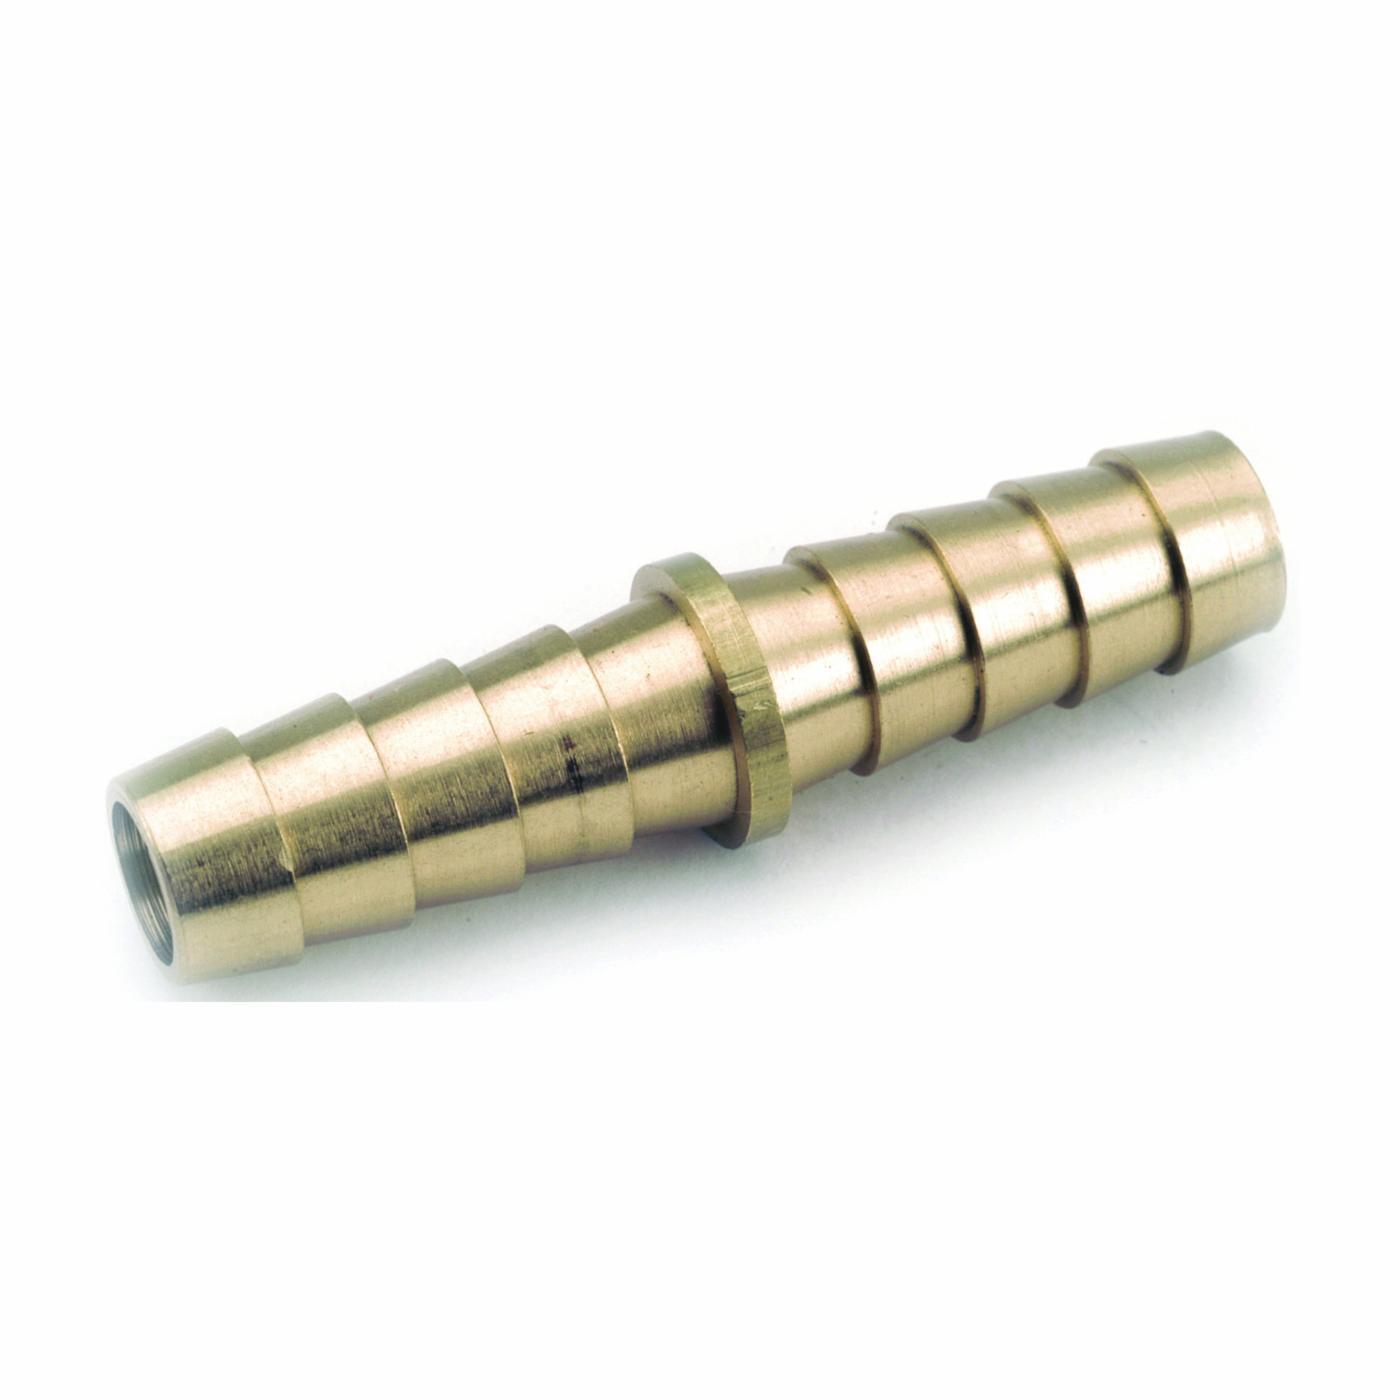 Anderson Metals 757014-05